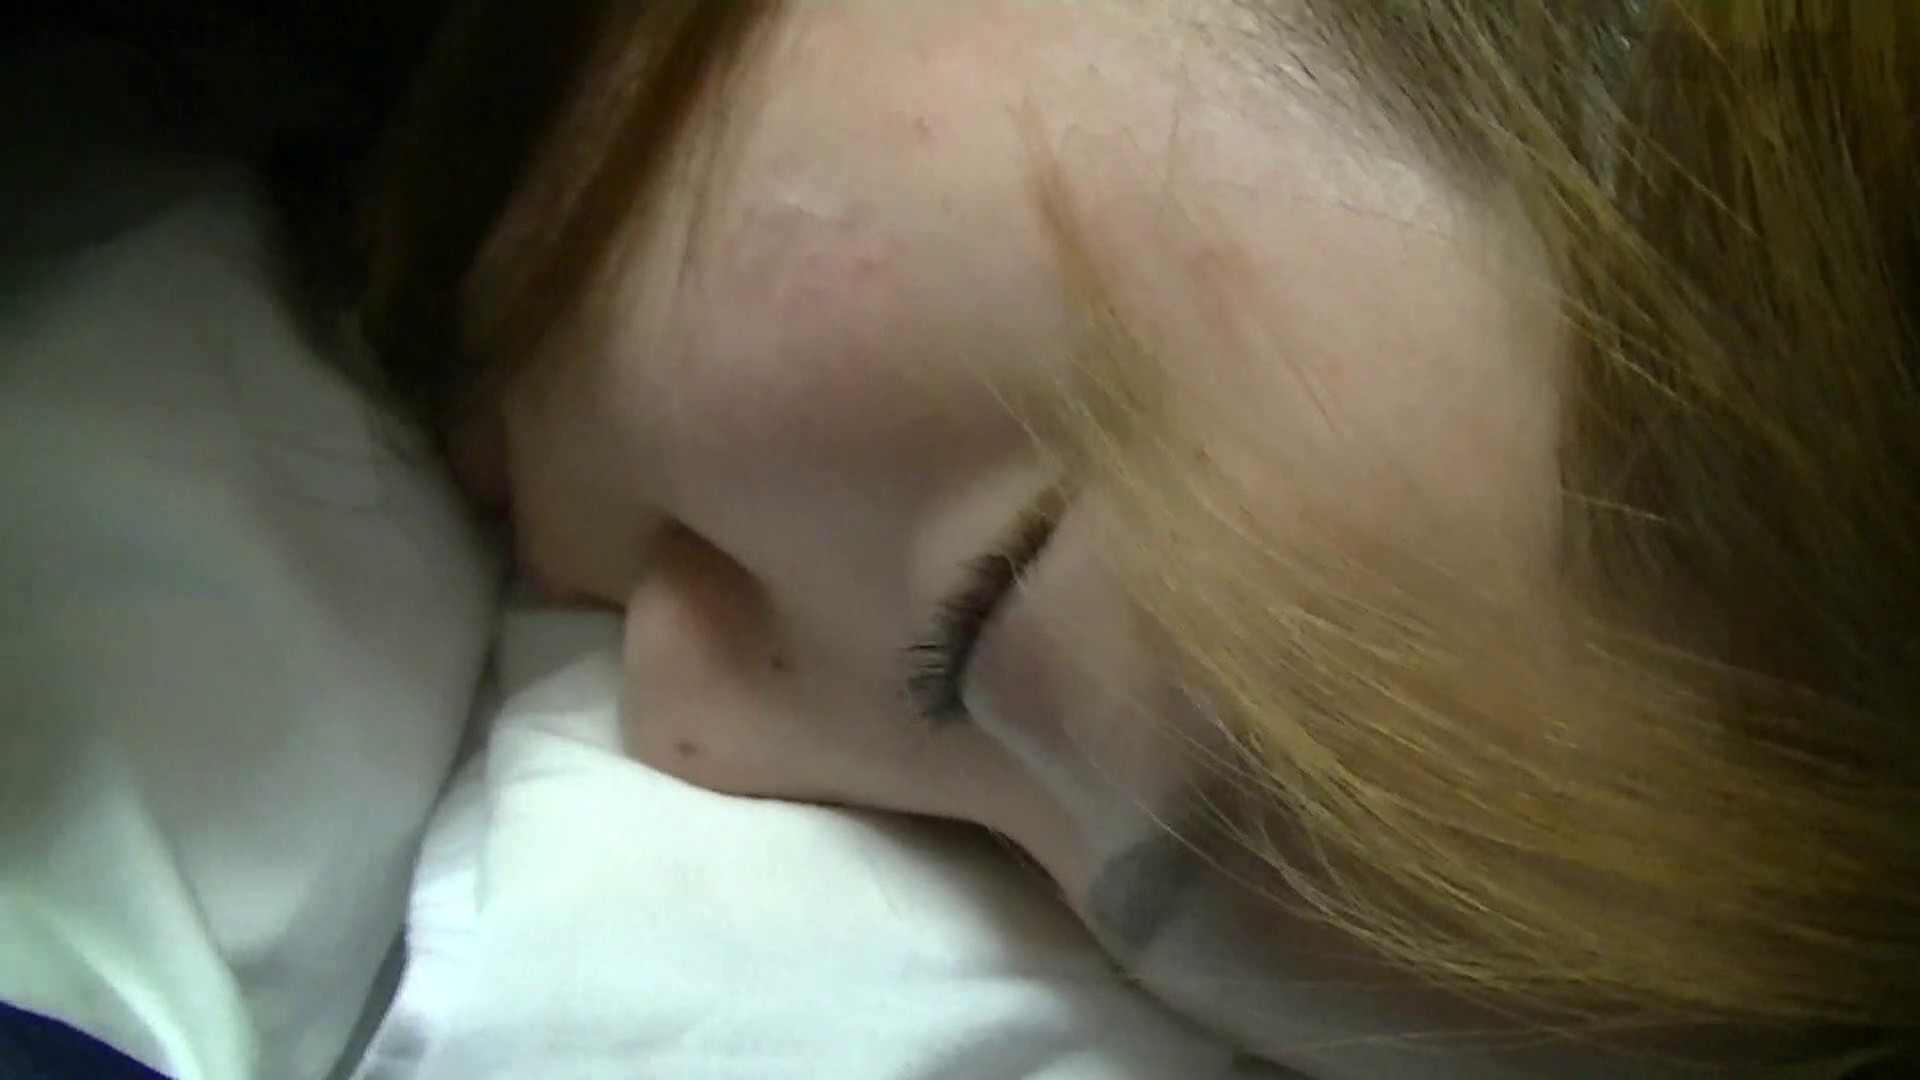 衝撃 半開きの目はガチです。 影 対 新妻裕香 美人 AV無料動画キャプチャ 83連発 42